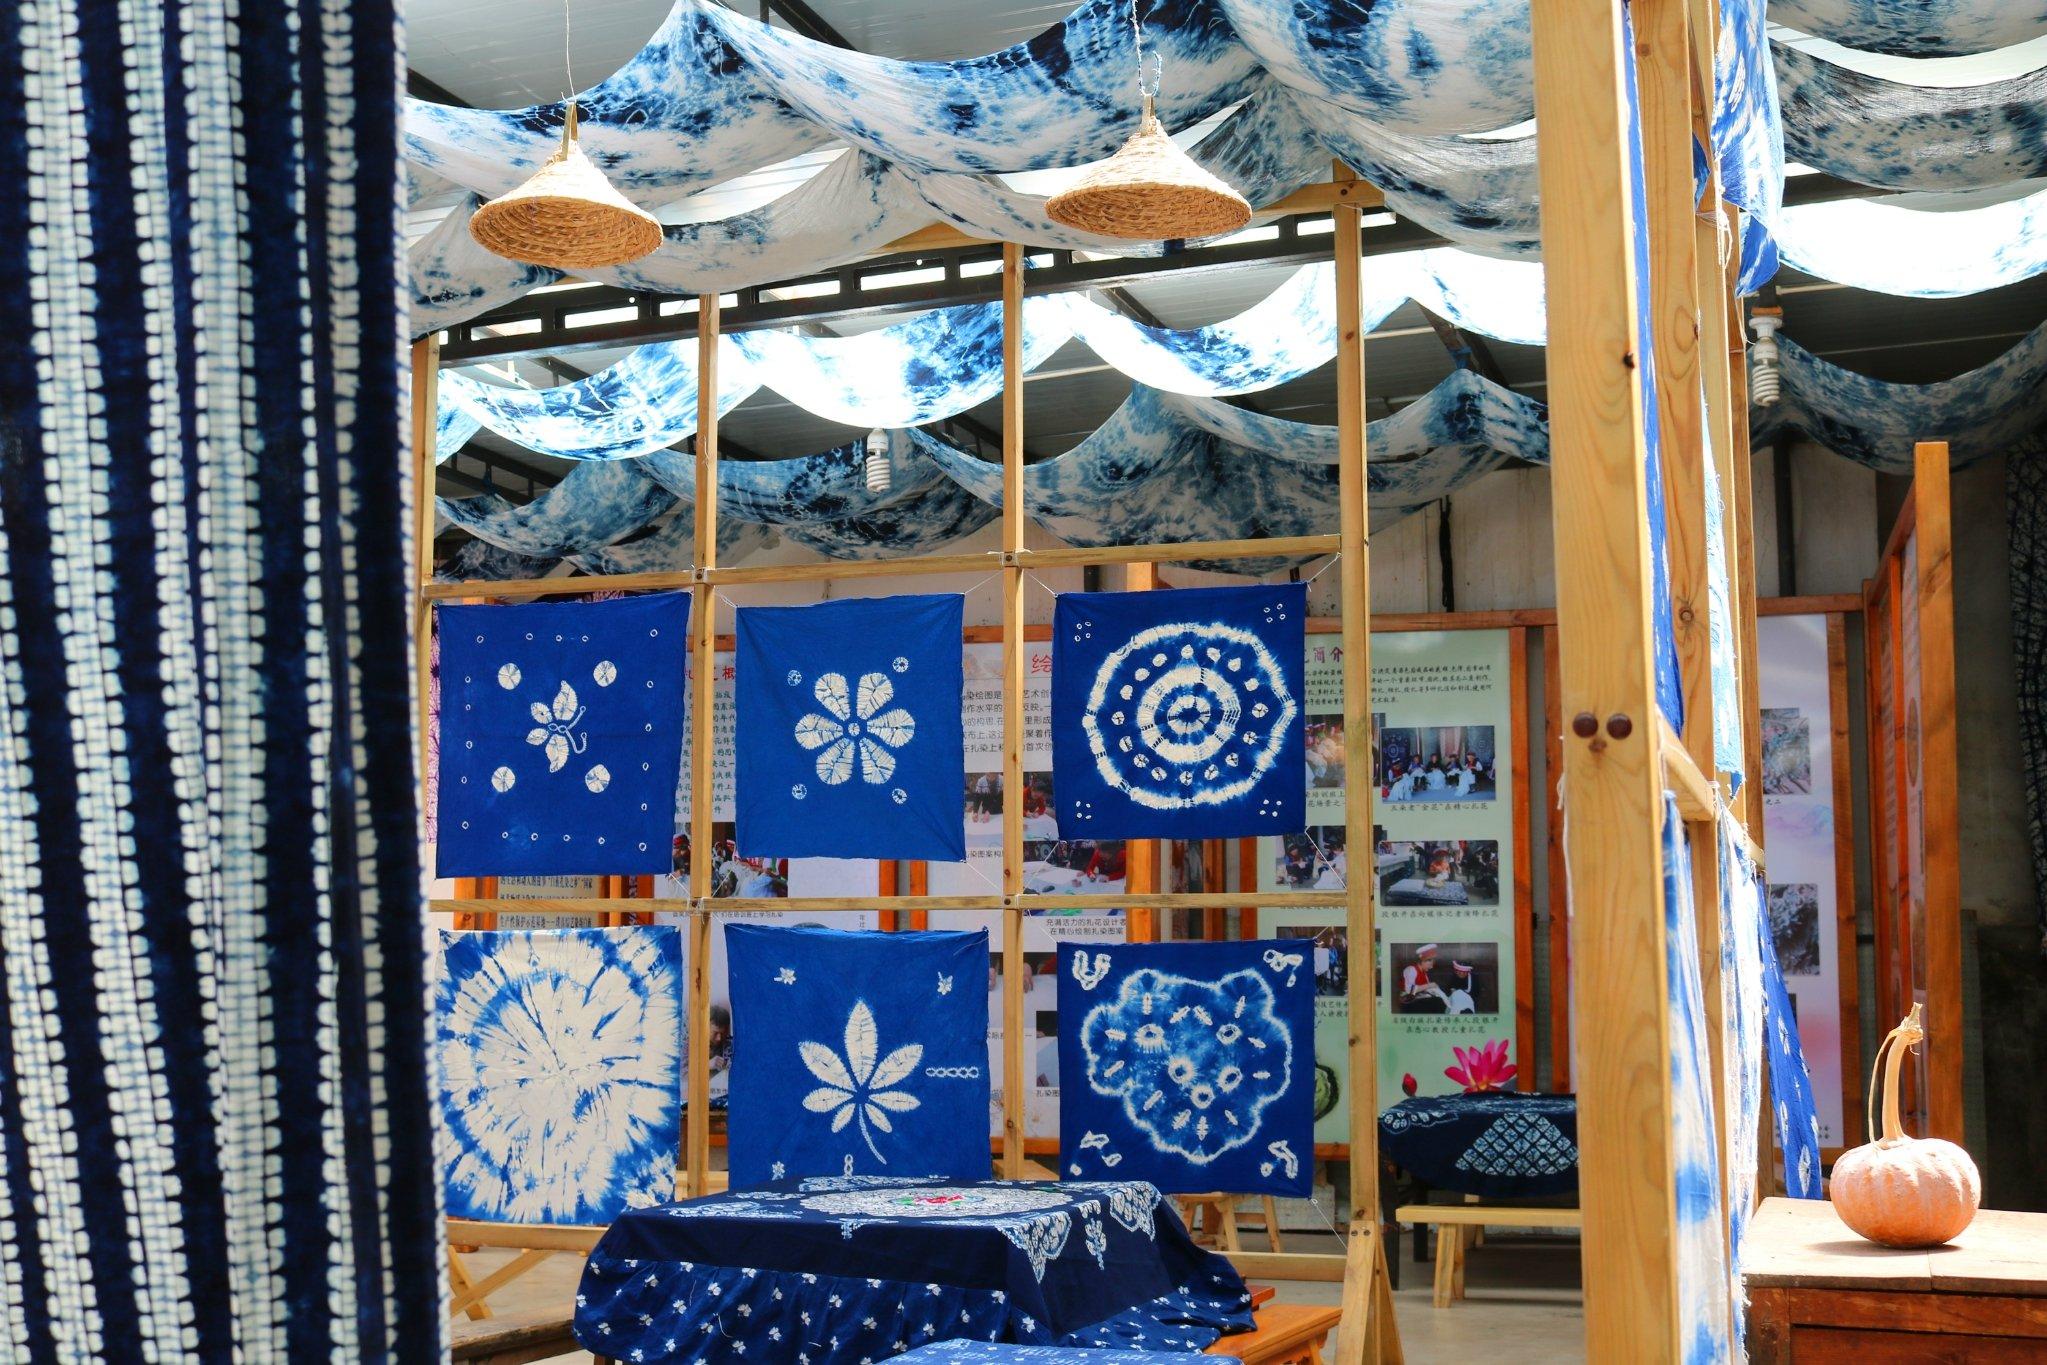 用扎染布制作的工艺品既充满浓浓的民族风味,也很具现代韵味.